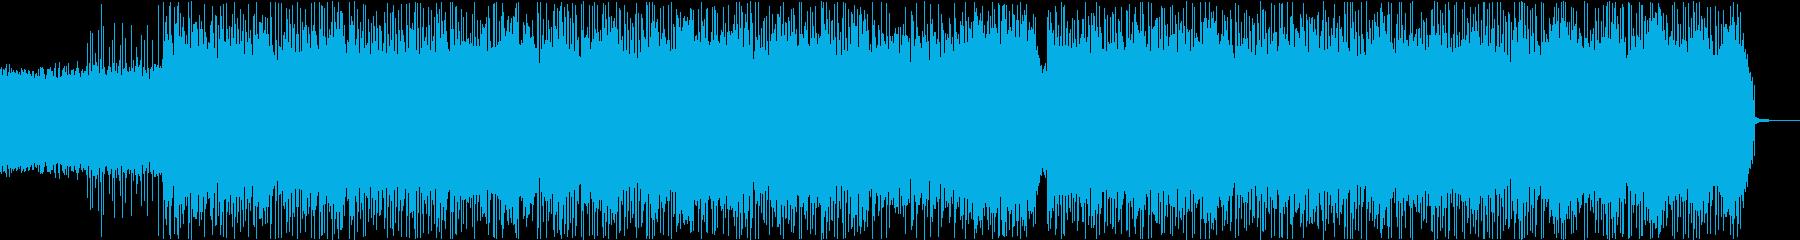 シンプルでハードなオルタナティブロックの再生済みの波形